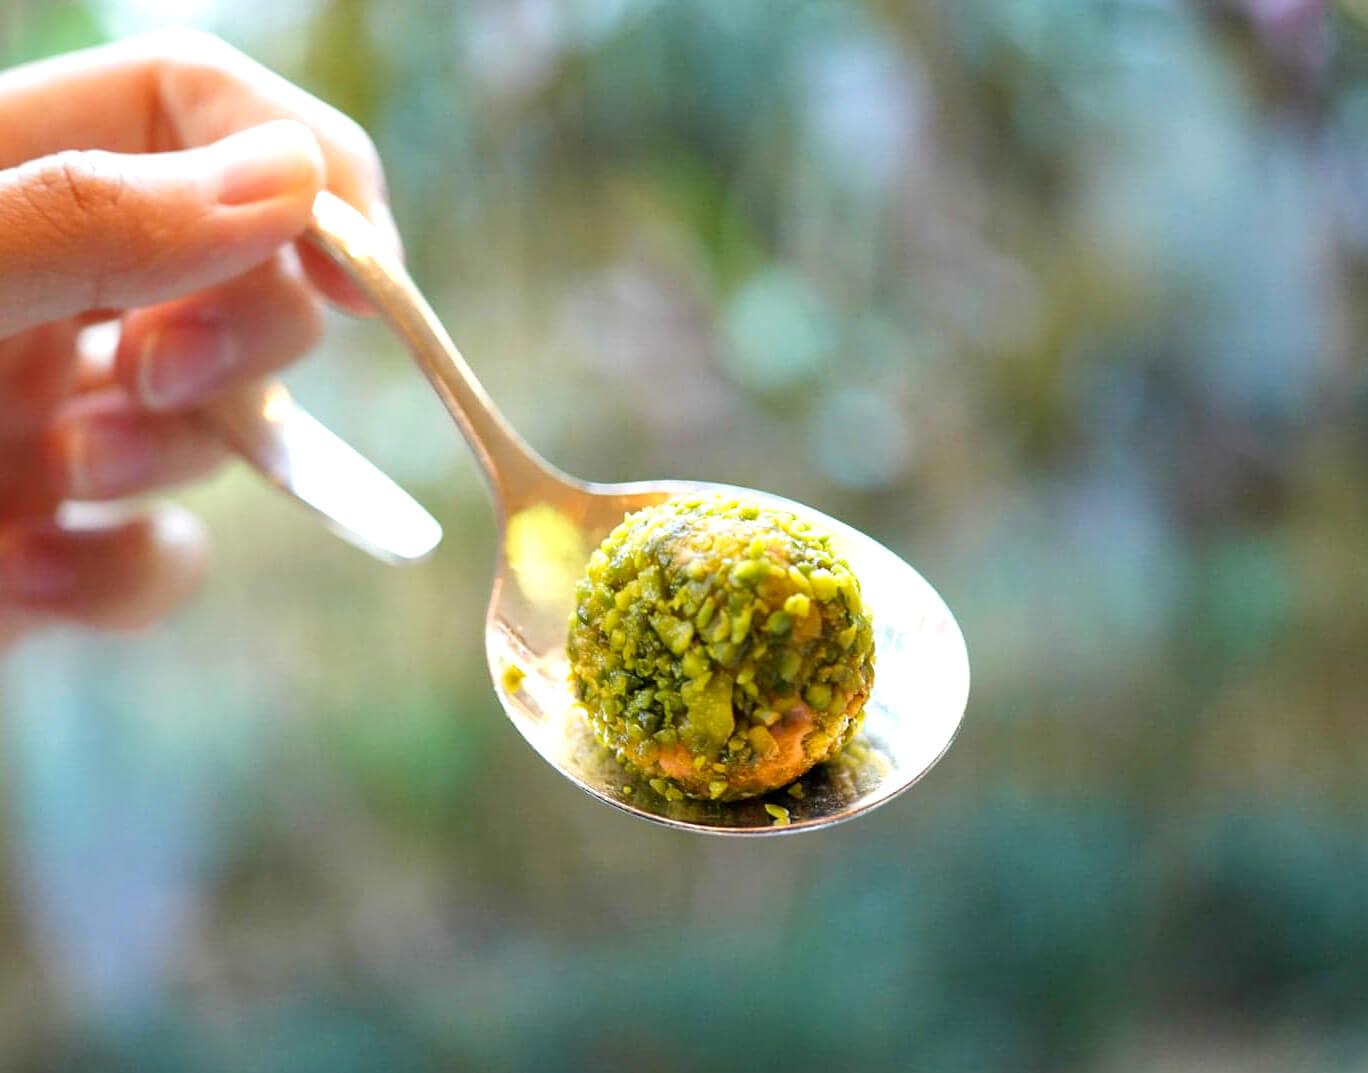 鴨肝醬球亦好高質!鴨肝軟糯香鹹,外層嘅開心果碎增添口感,配茶食一流!